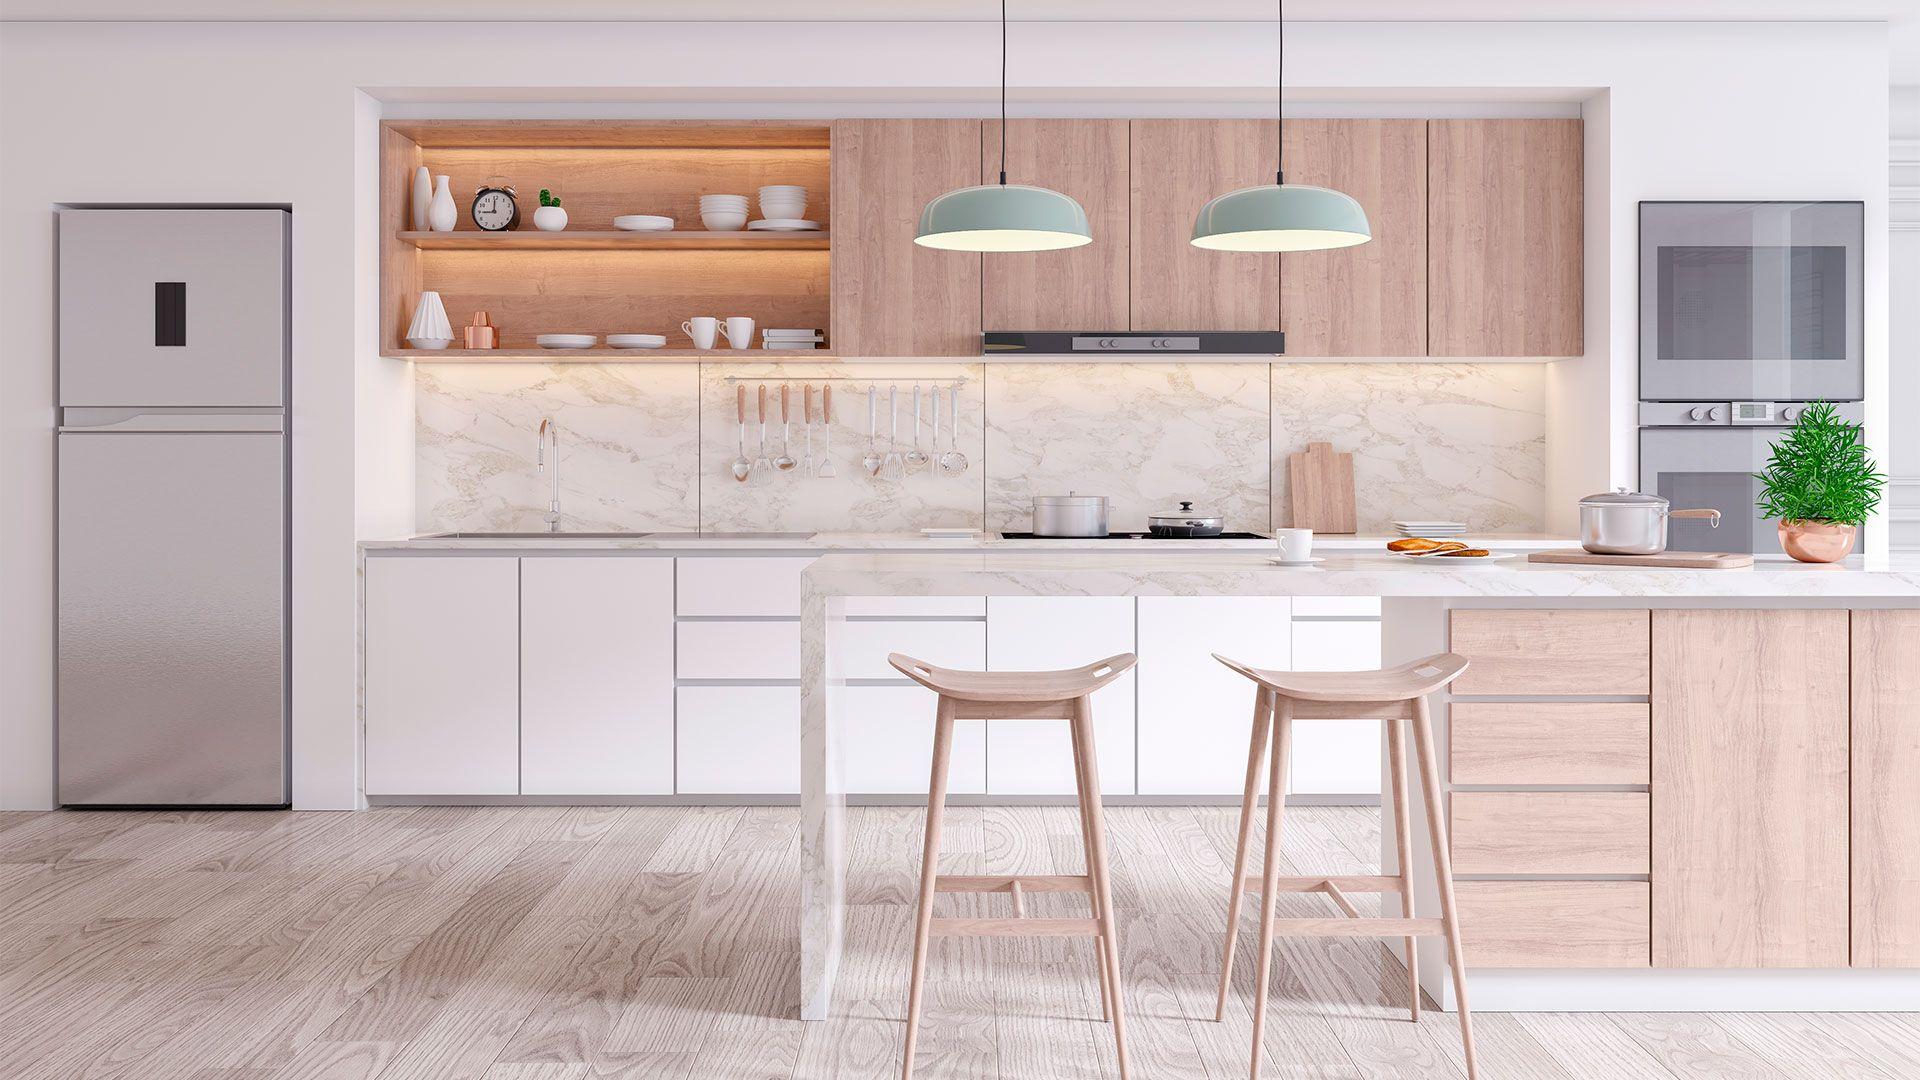 Cocina diseñada por Soinco para una promotora inmobiliaria